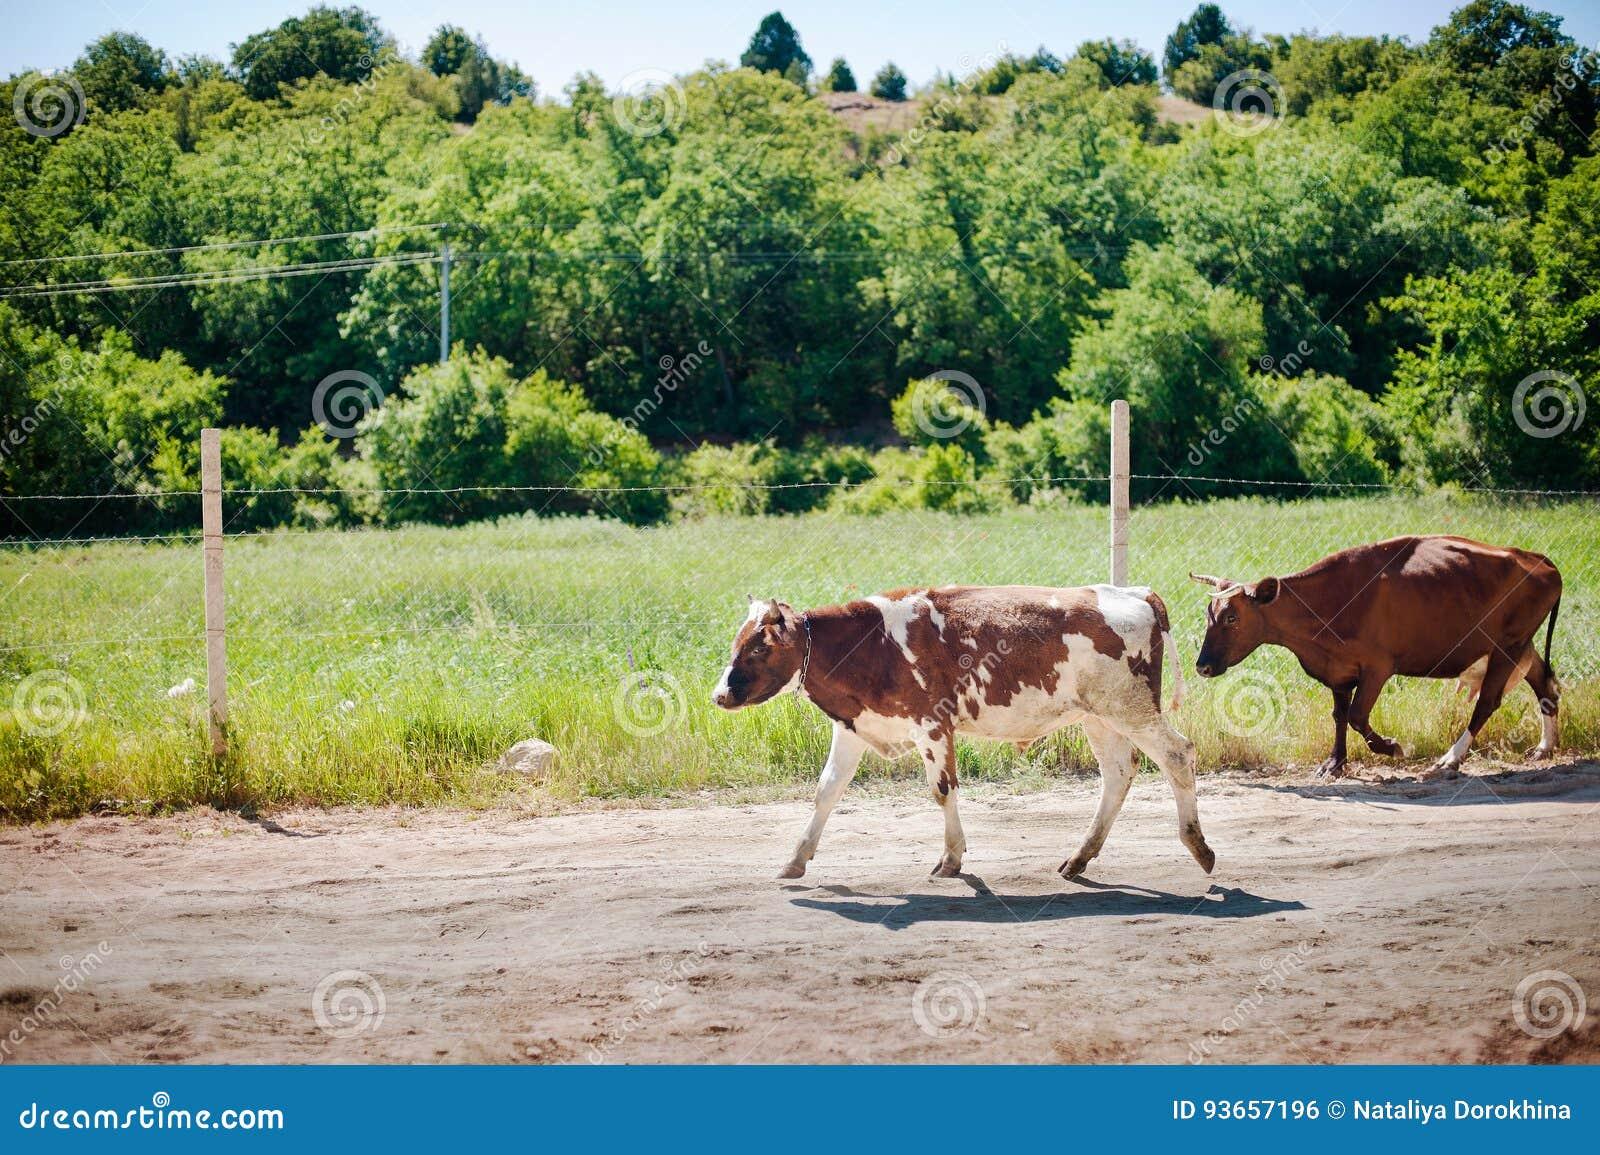 Eine Herde von Kühen auf der Straße, die nach Hause geht